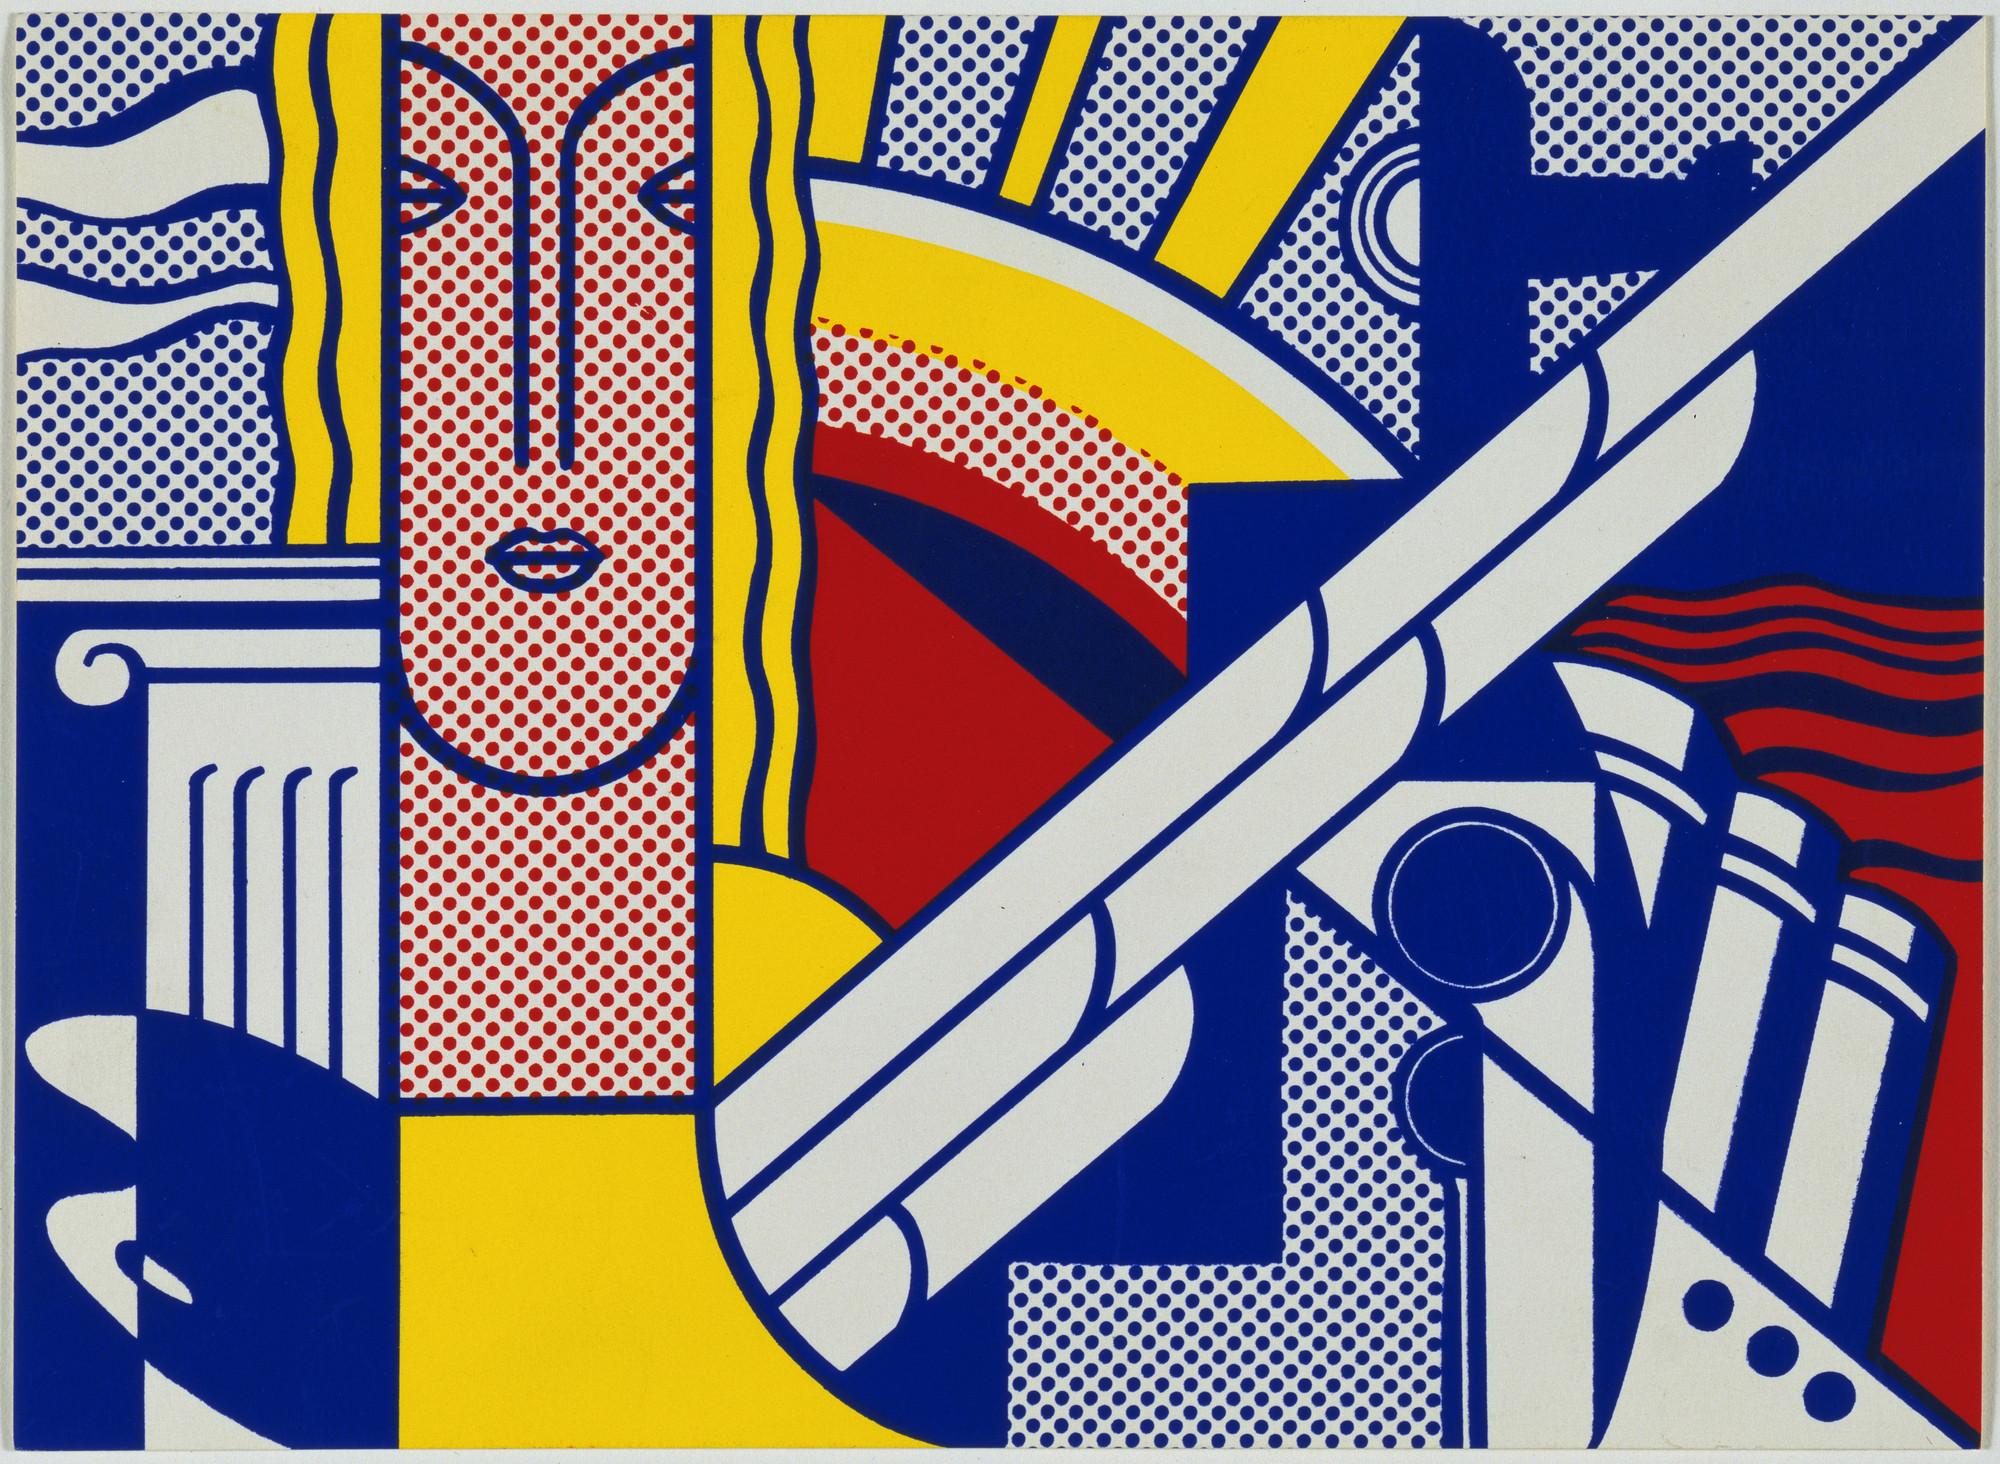 Roy Lichtenstein. Modern Art Poster. 1967 | MoMA